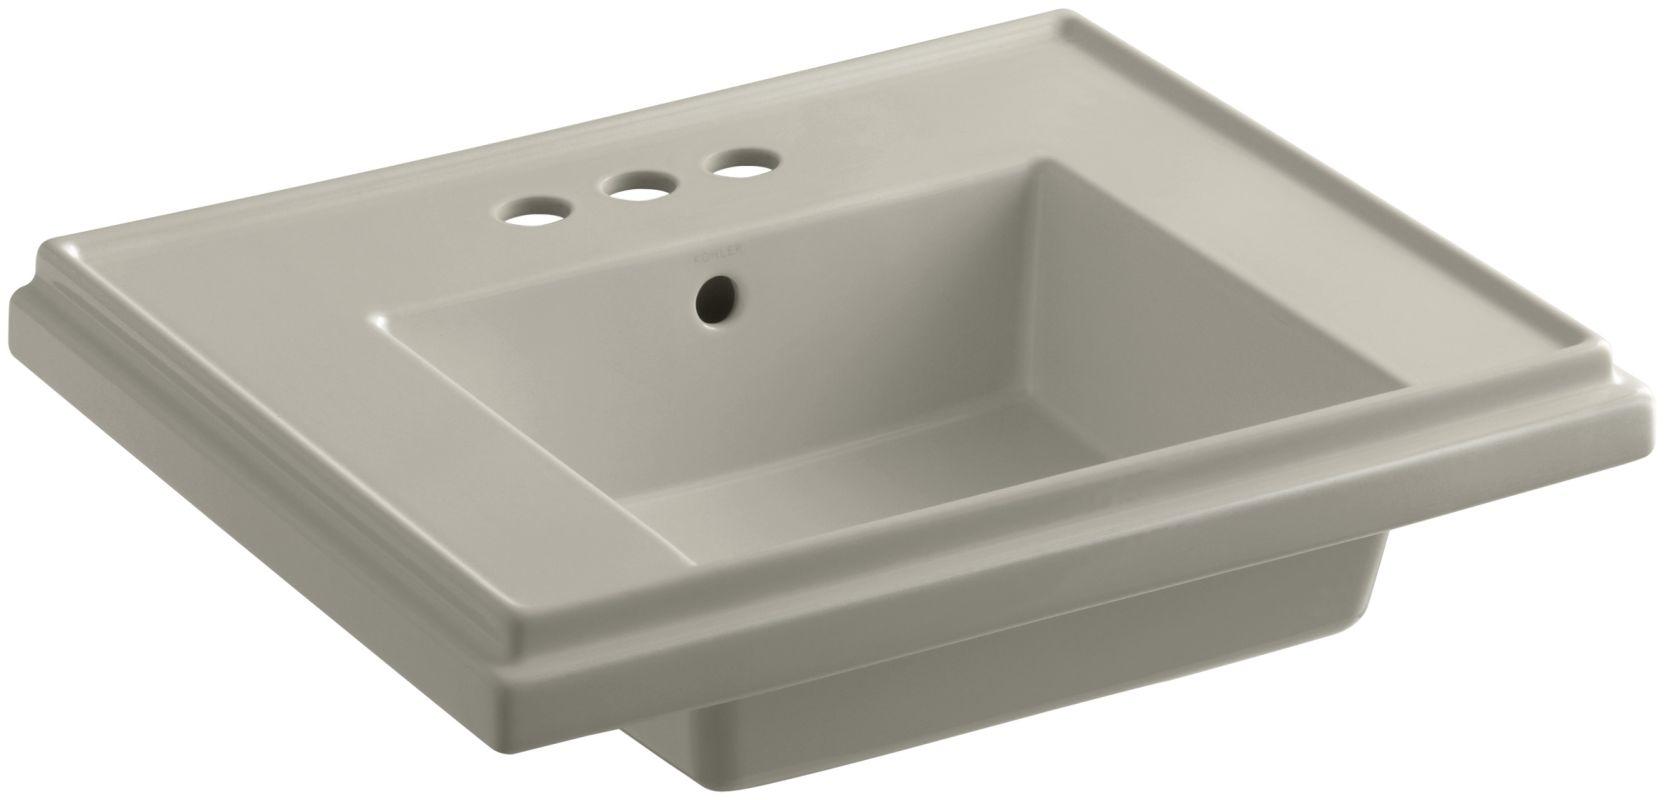 kohler tresham pedestal sink by faucet com k 4 g9 in sandbar by kohler